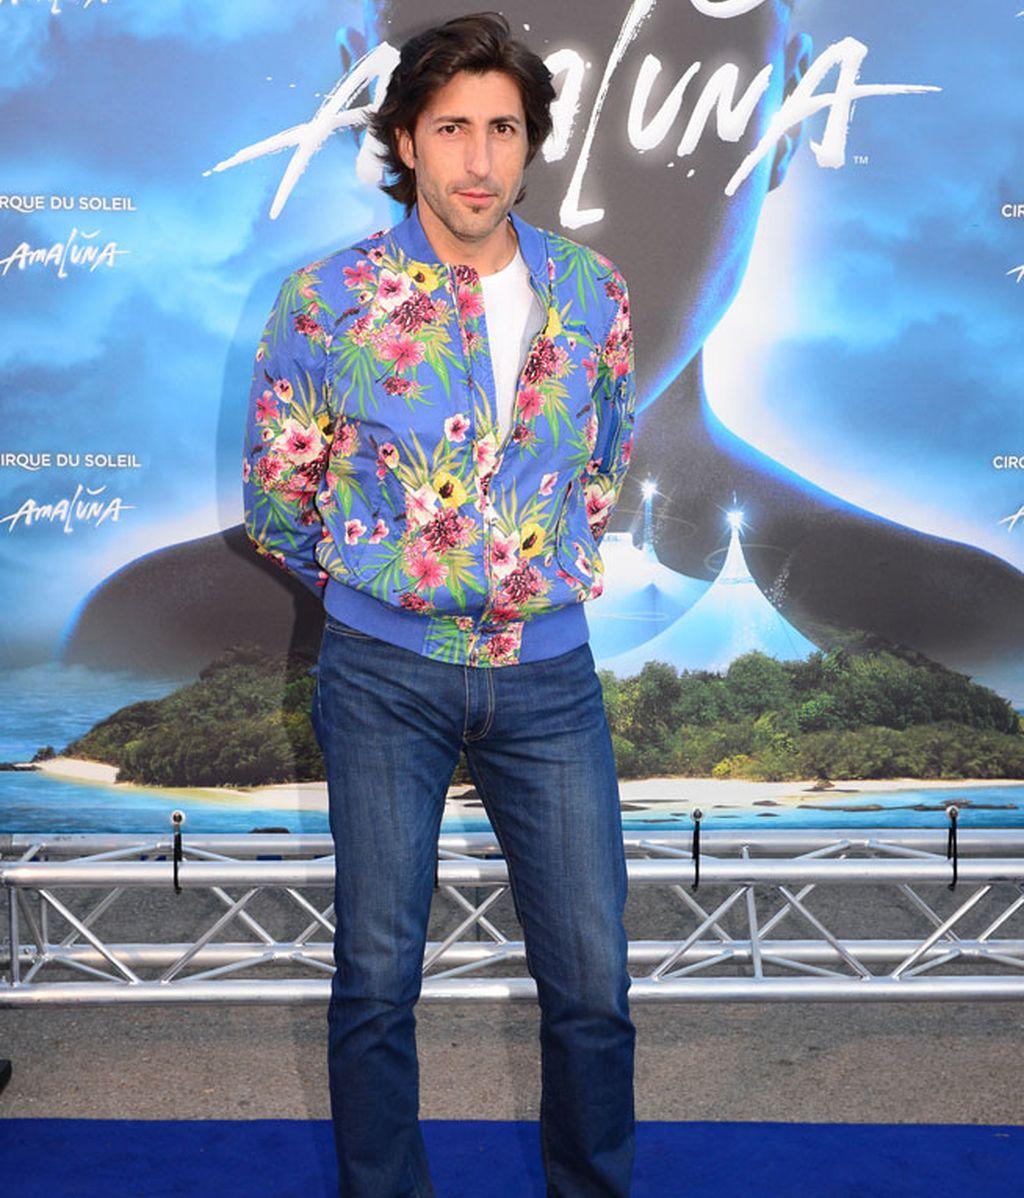 El presentador Fernando Ramos, con chaqueta de flores